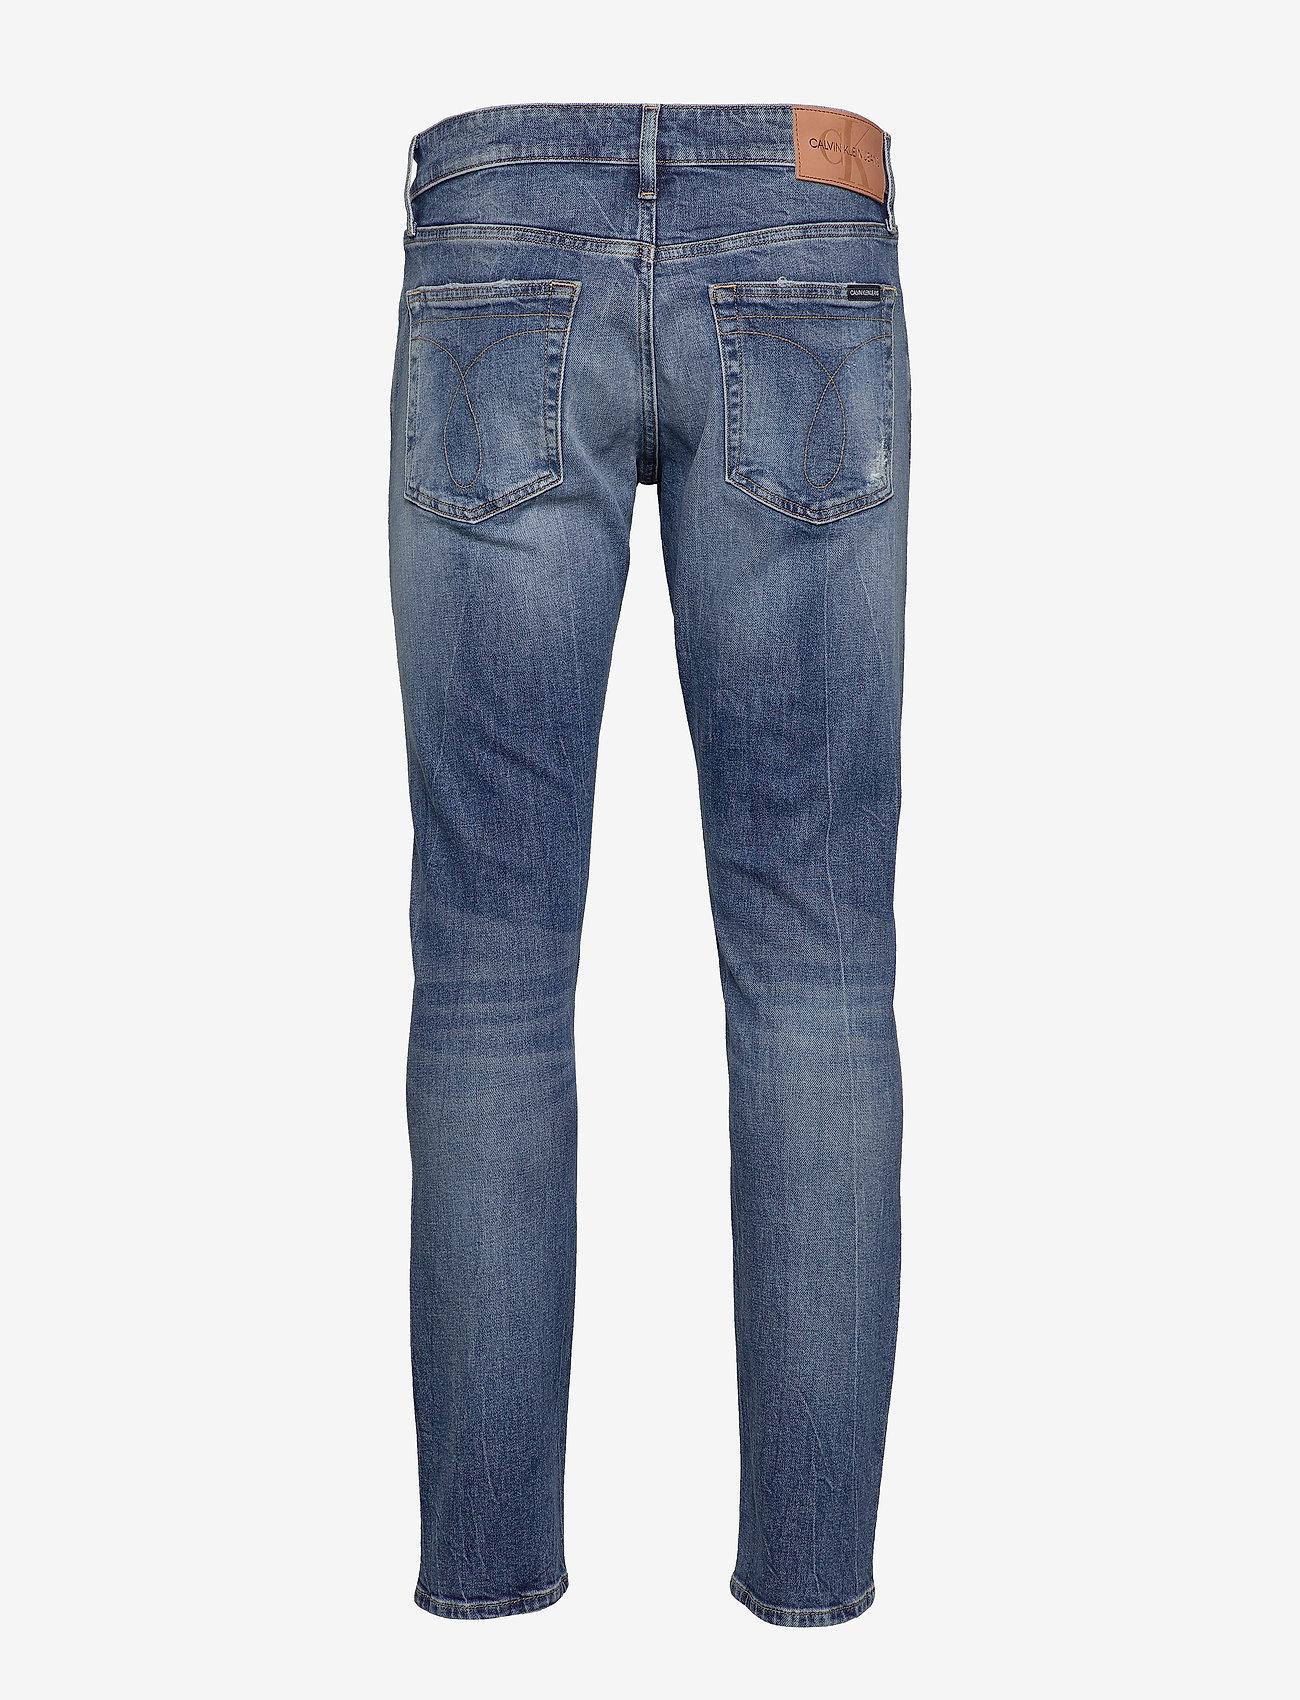 Ckj 026 Slim (Ab035 Mid Blue Dstr) - Calvin Klein Jeans D4wb2m